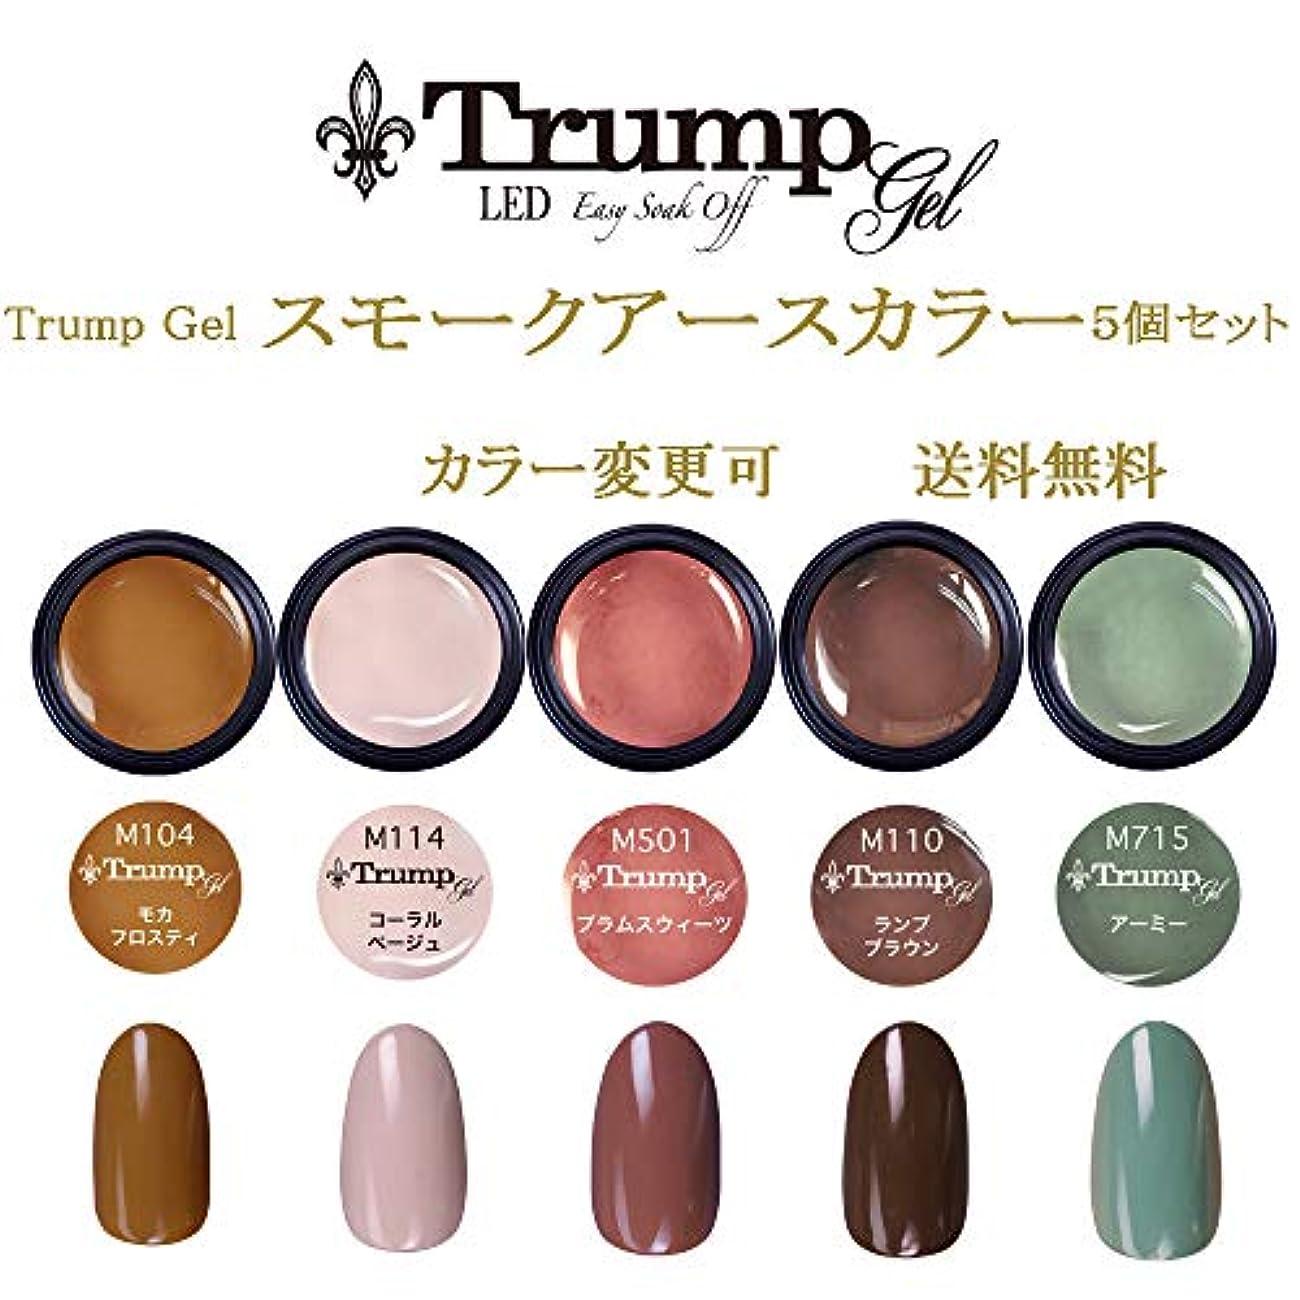 依存エラー液体【送料無料】日本製 Trump gel トランプジェル スモークアース 選べる カラージェル 5個セット スモーキー アースカラー ベージュ ブラウン マスタード カーキ カラー